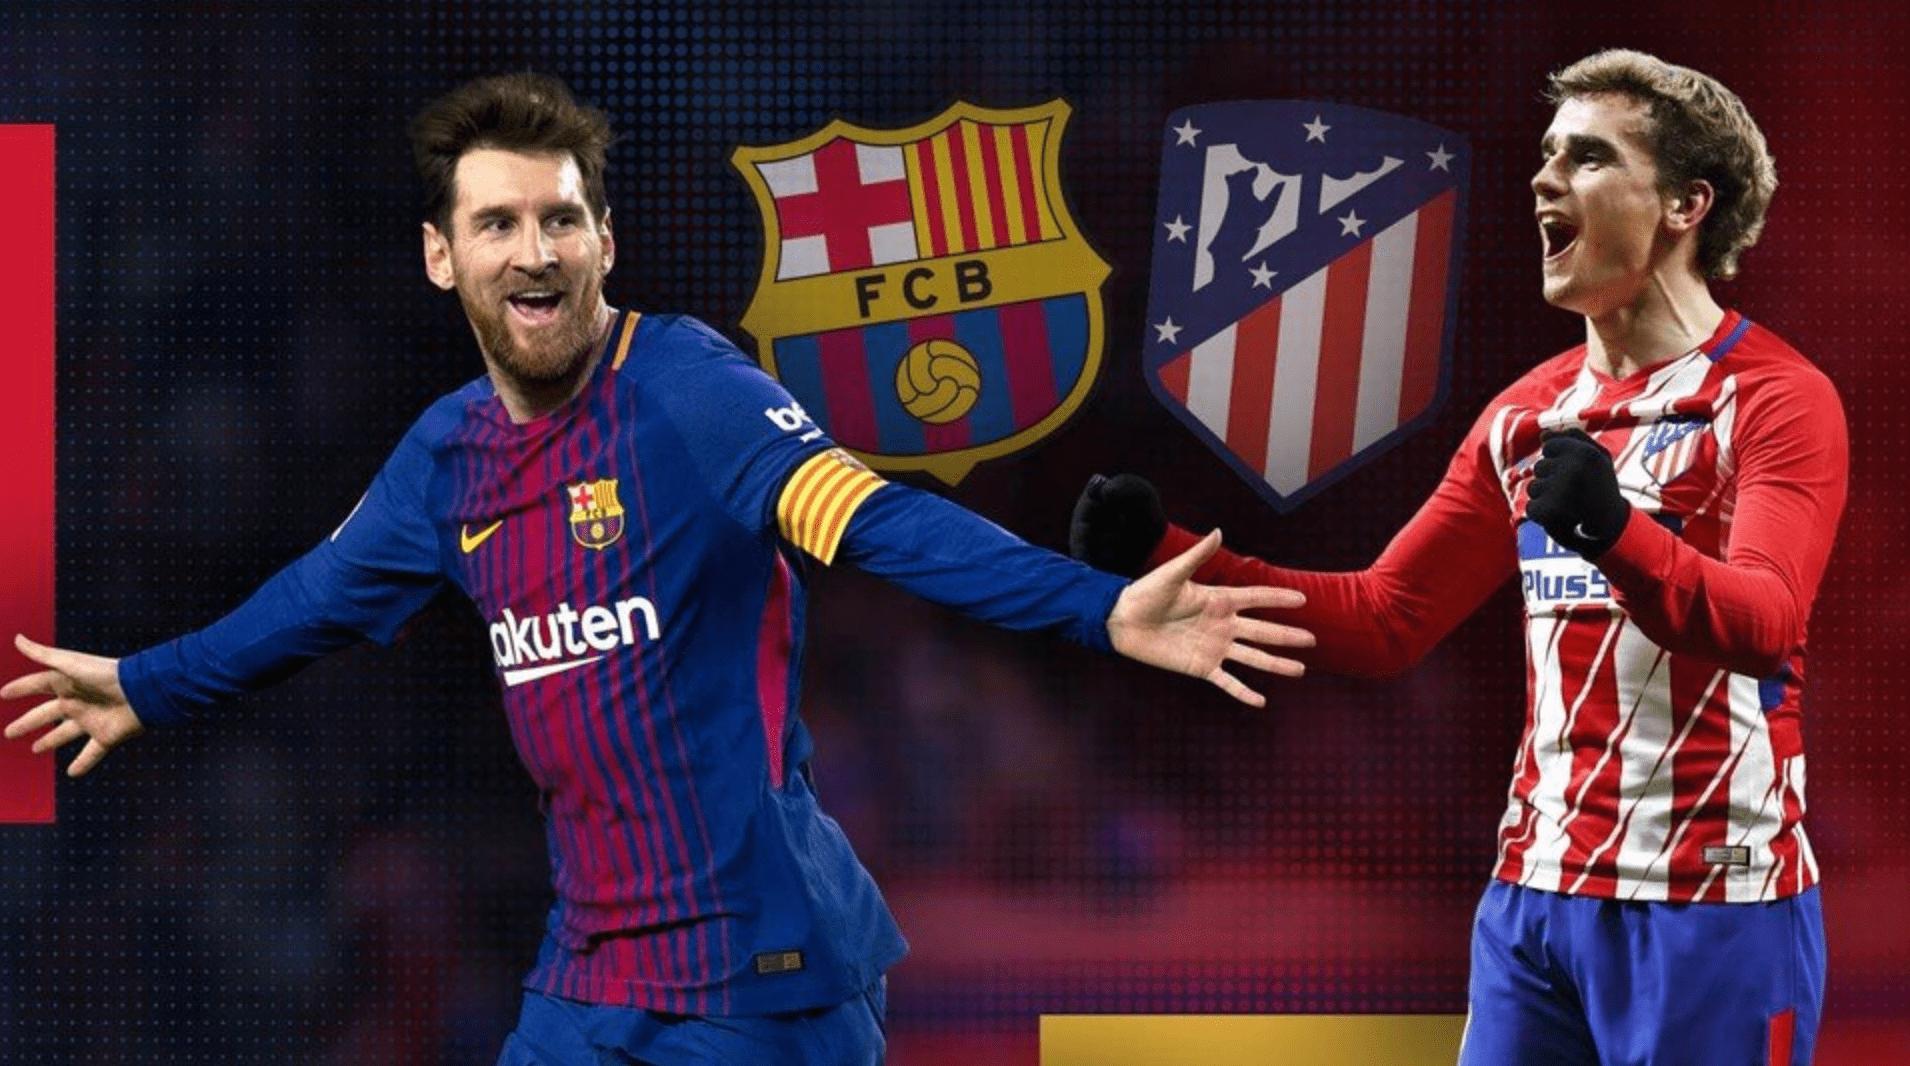 「西甲联赛」球赛分析:巴萨罗那vs马竞雄心不变 ,巴萨罗那可否制胜?